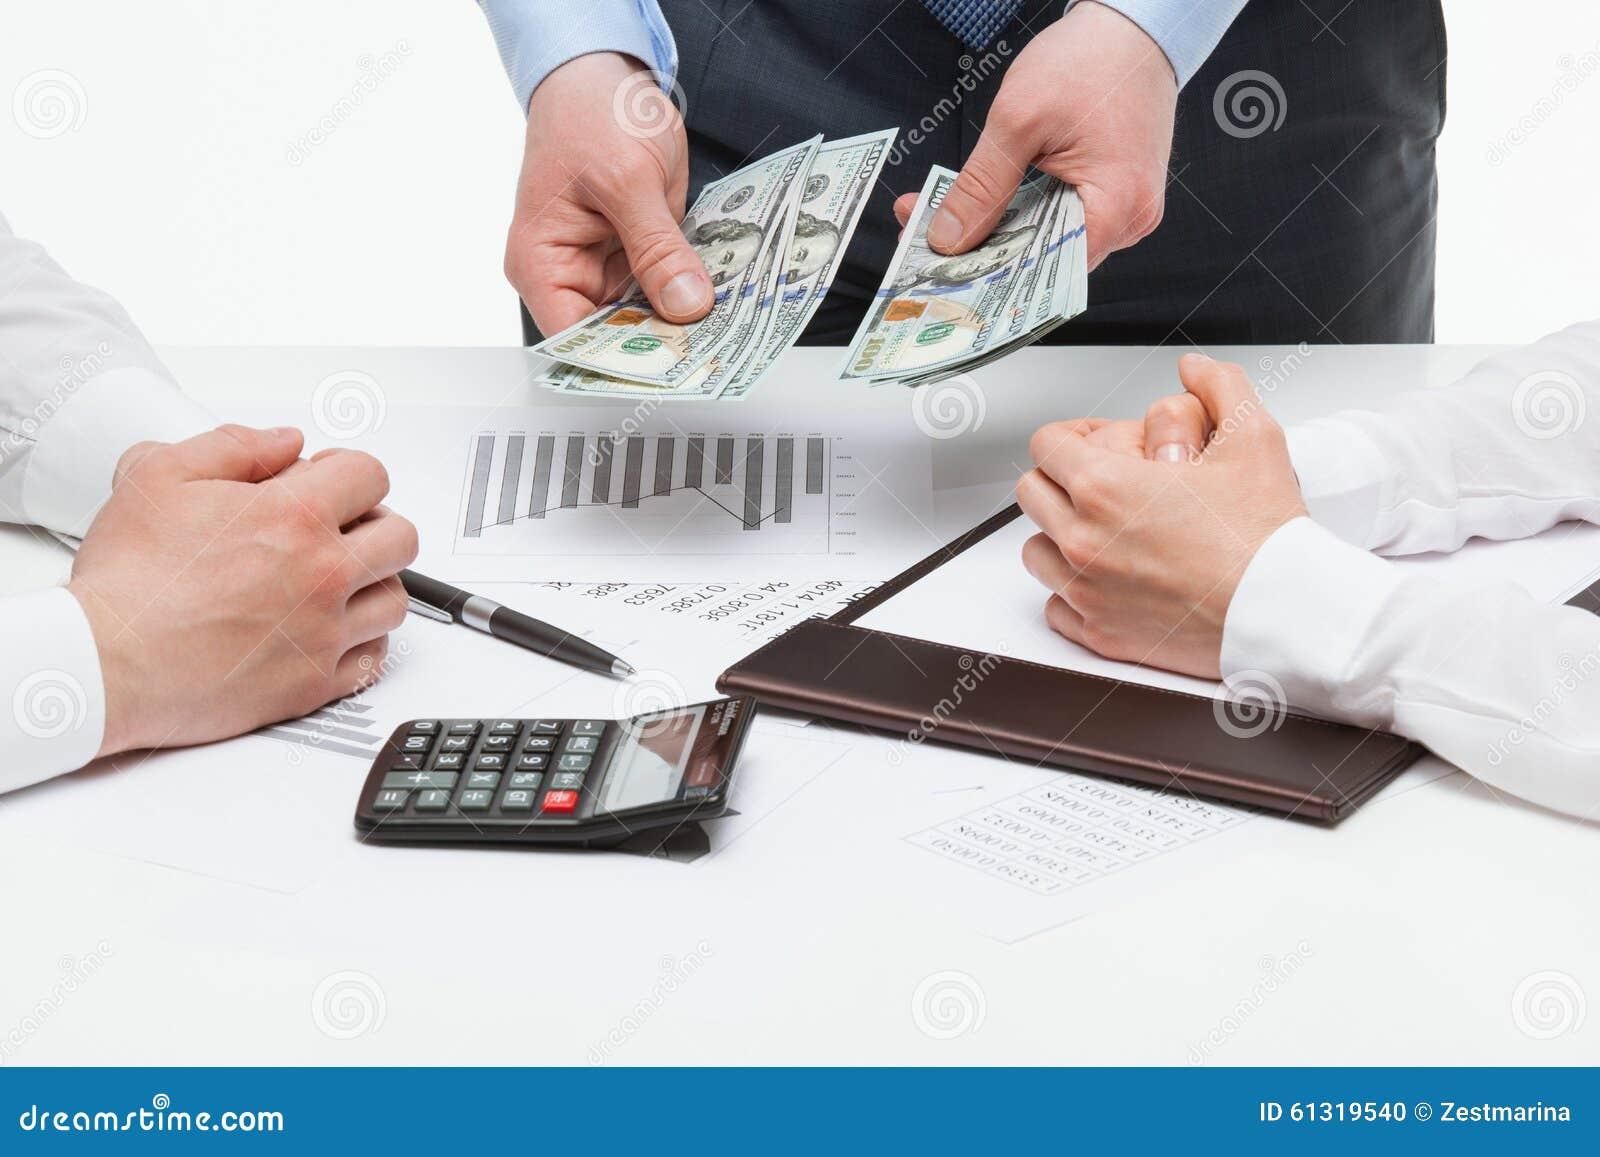 Framstickande som tilldelar pengar bland kollaboratörer